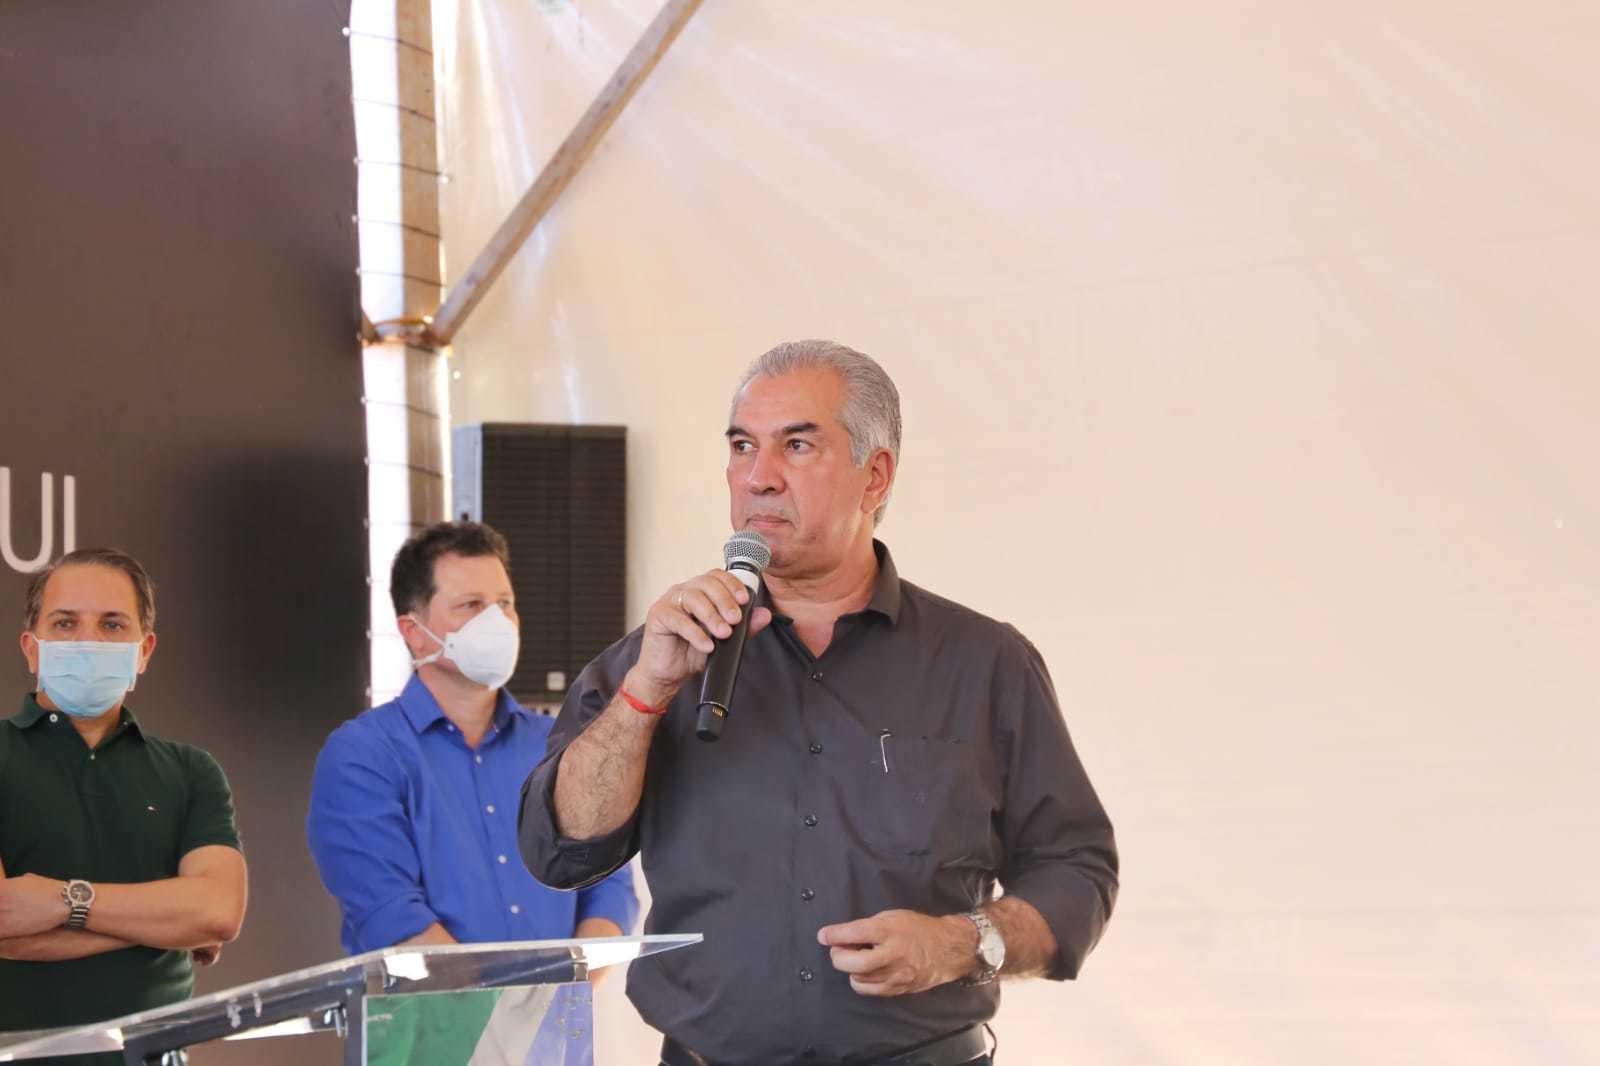 Governador Reinaldo Azambuja (PSDB) durante discurso em evento de entrega de viaturas nessa semana (Foto: Paulo Francis/Arquivo)